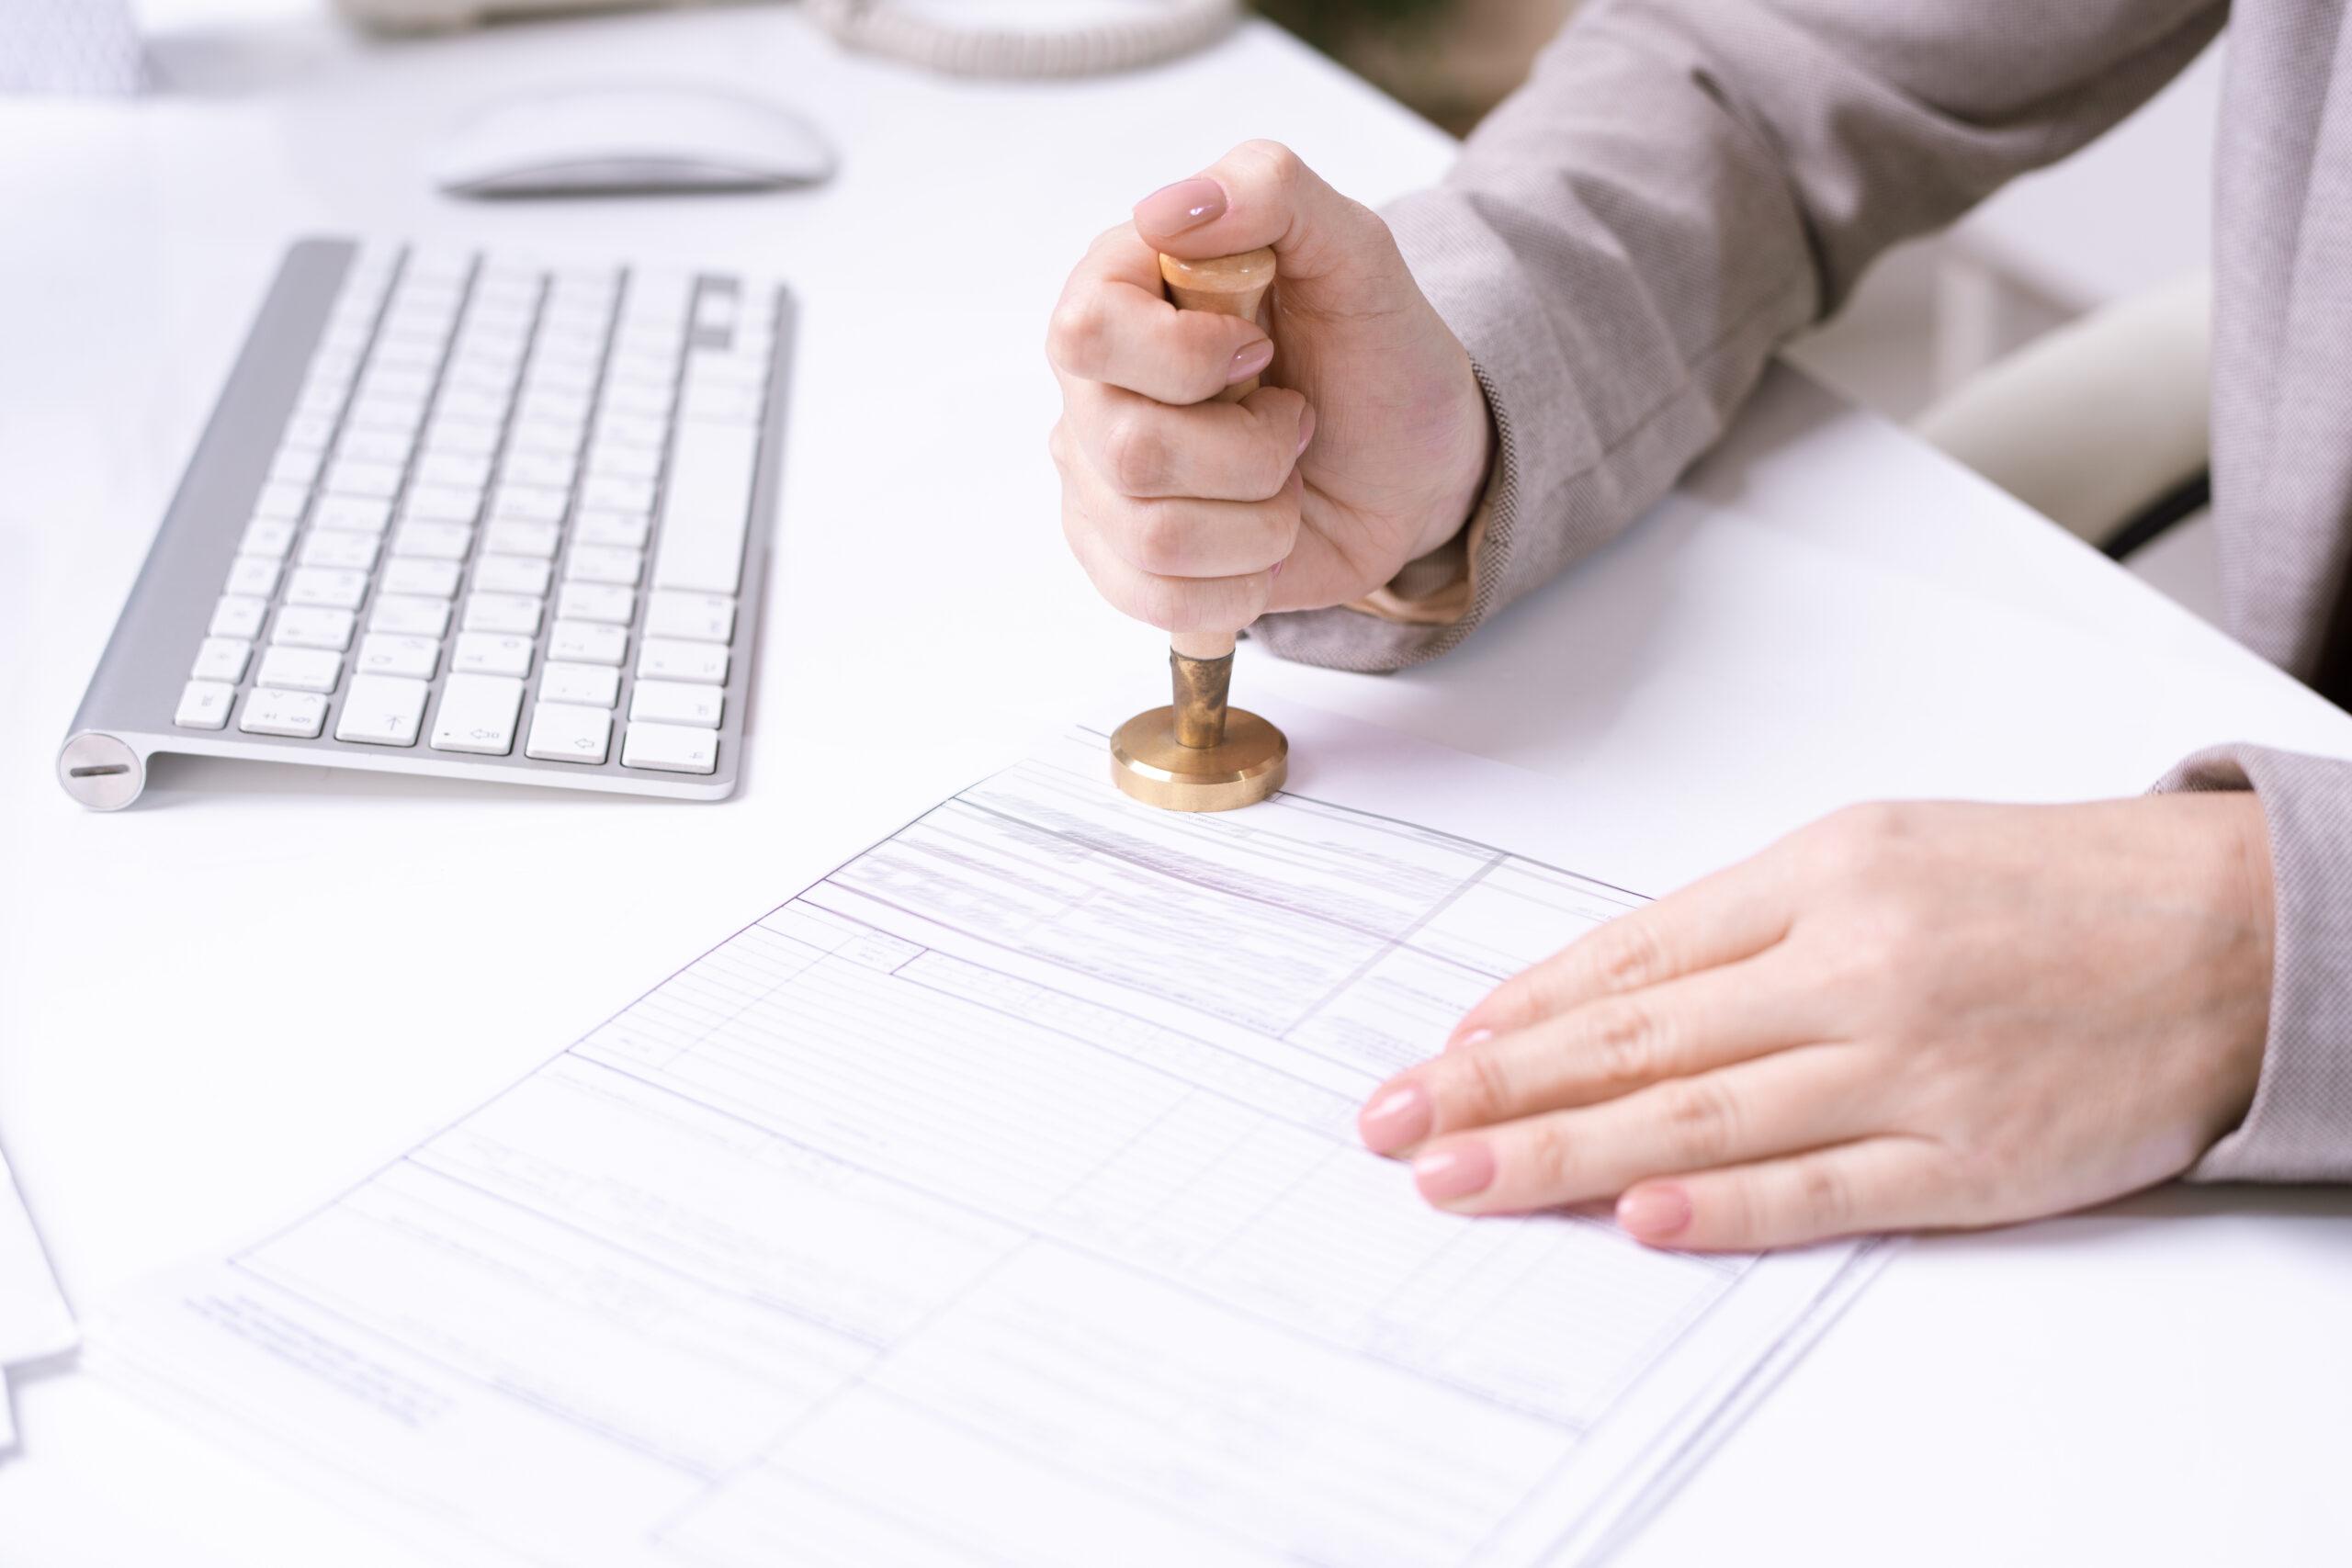 Επικυρωμένες μεταφράσεις εγγράφων, πτυχίων, πιστοποιητικών, δικαιολογητικών